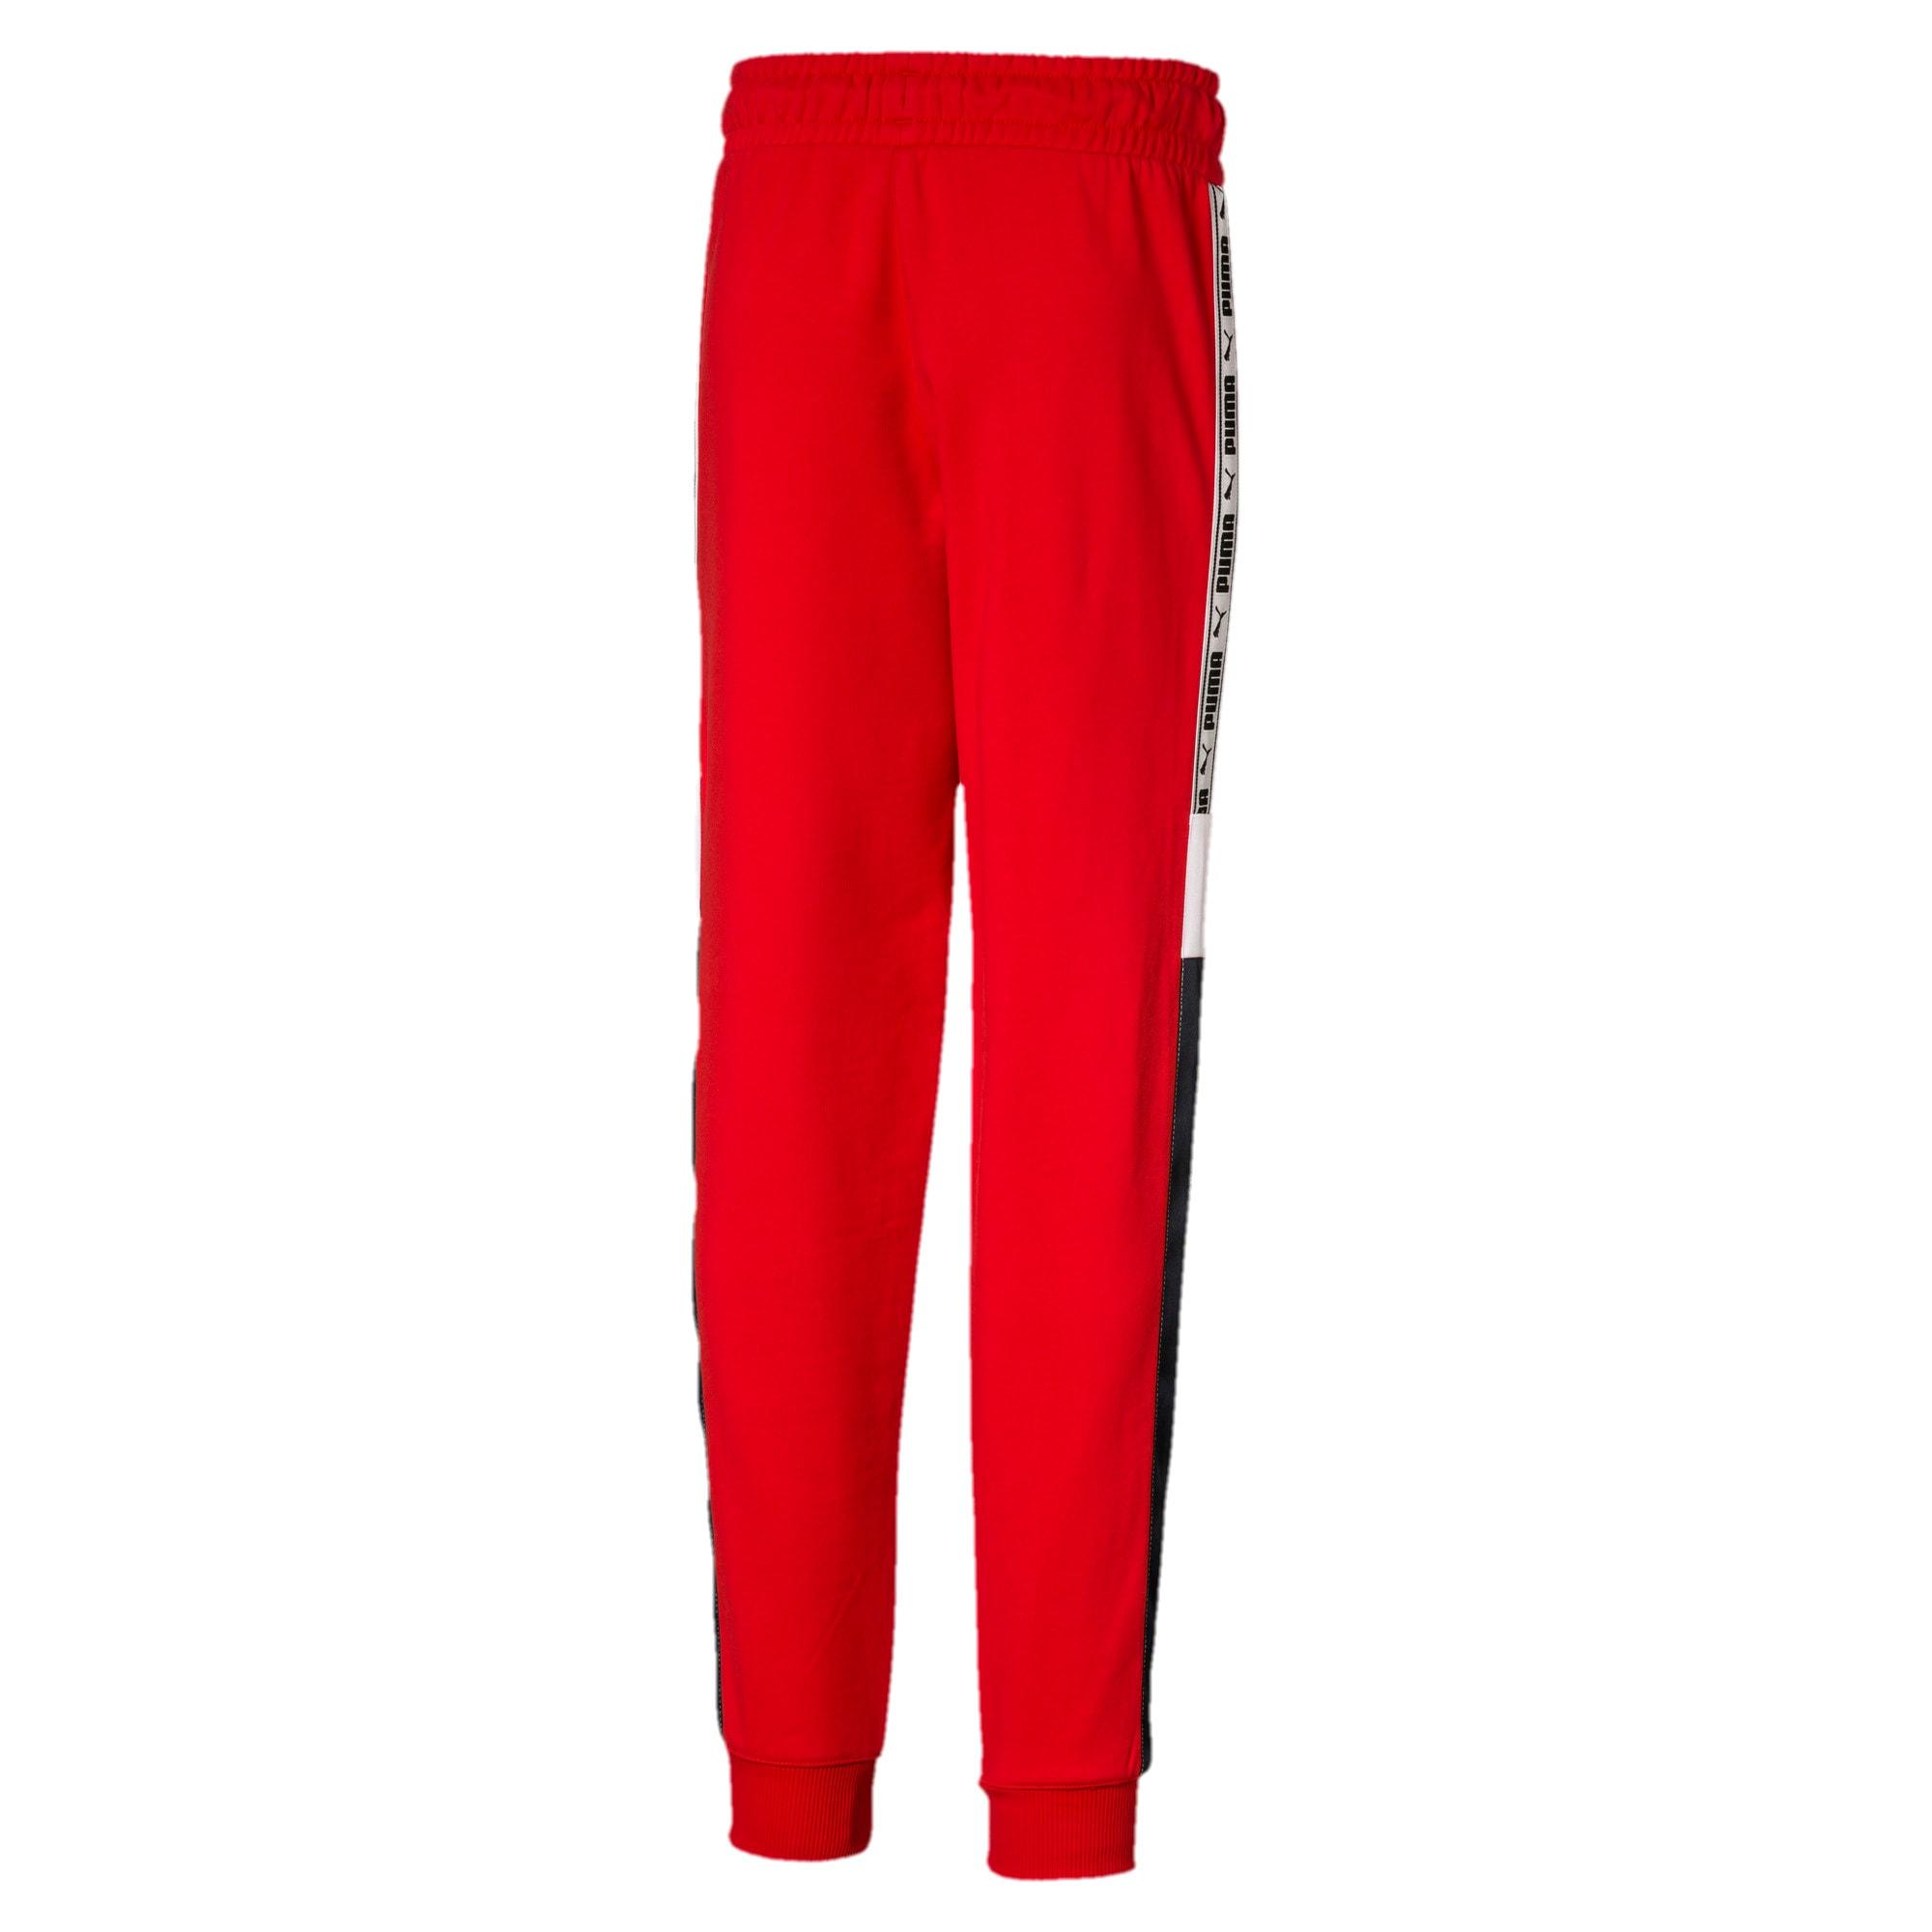 Miniatura 2 de Pantalones deportivos PUMA XTG JR, High Risk Red, mediano